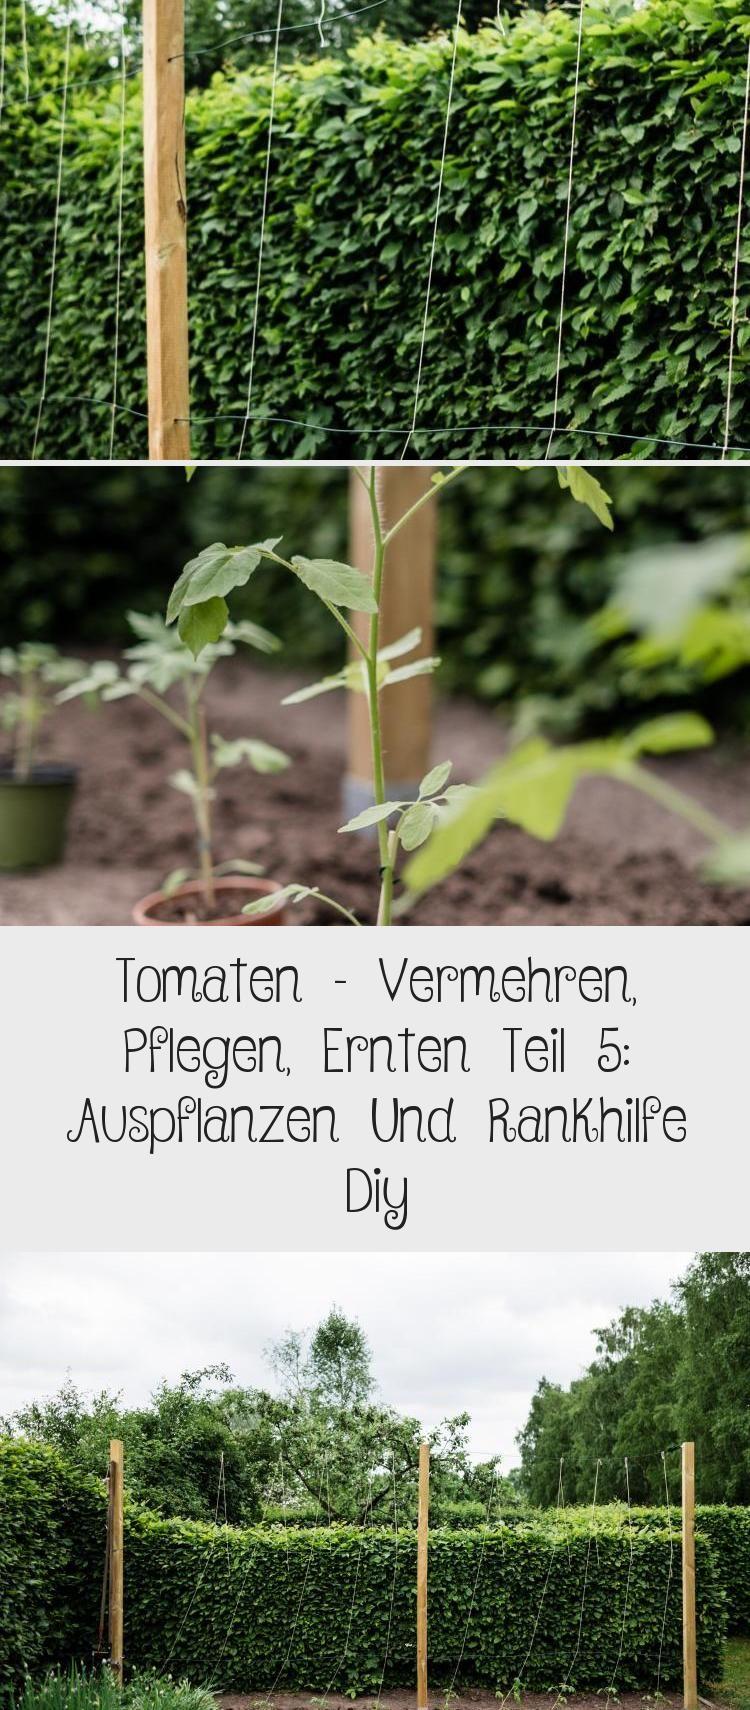 Die Wichtigsten Tipps Und Tricks Beim Auspflanzen Der Tomatenpflanzen Die Passende Tomaten Rankhilfe Selber Bauen Tomaten Teil5 Toma In 2020 Garten Plants Giessen